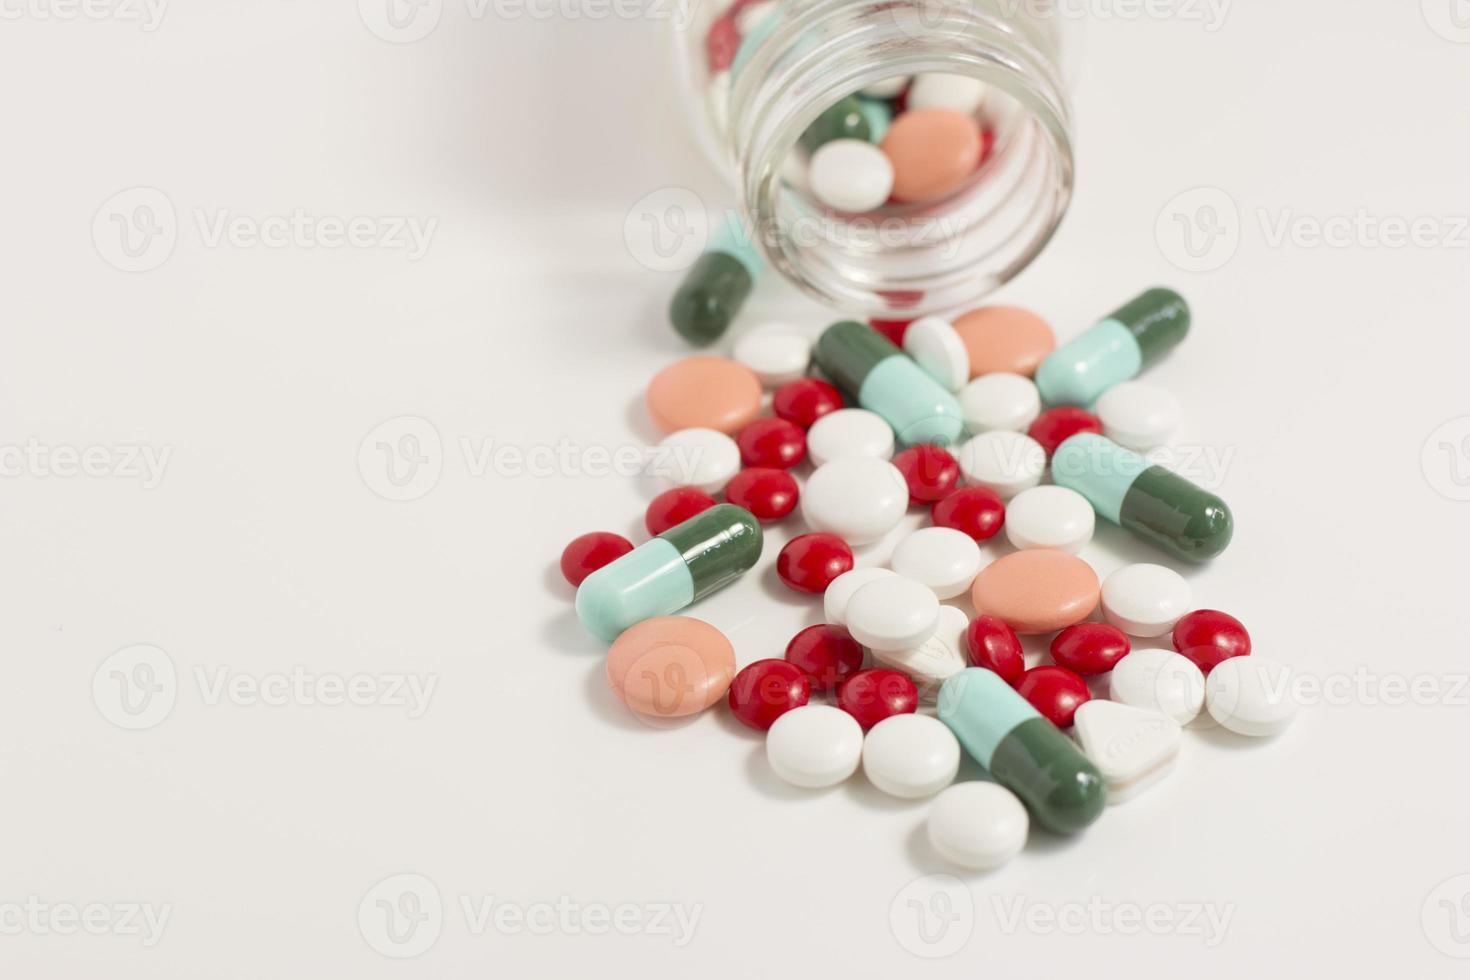 médecine colorée photo